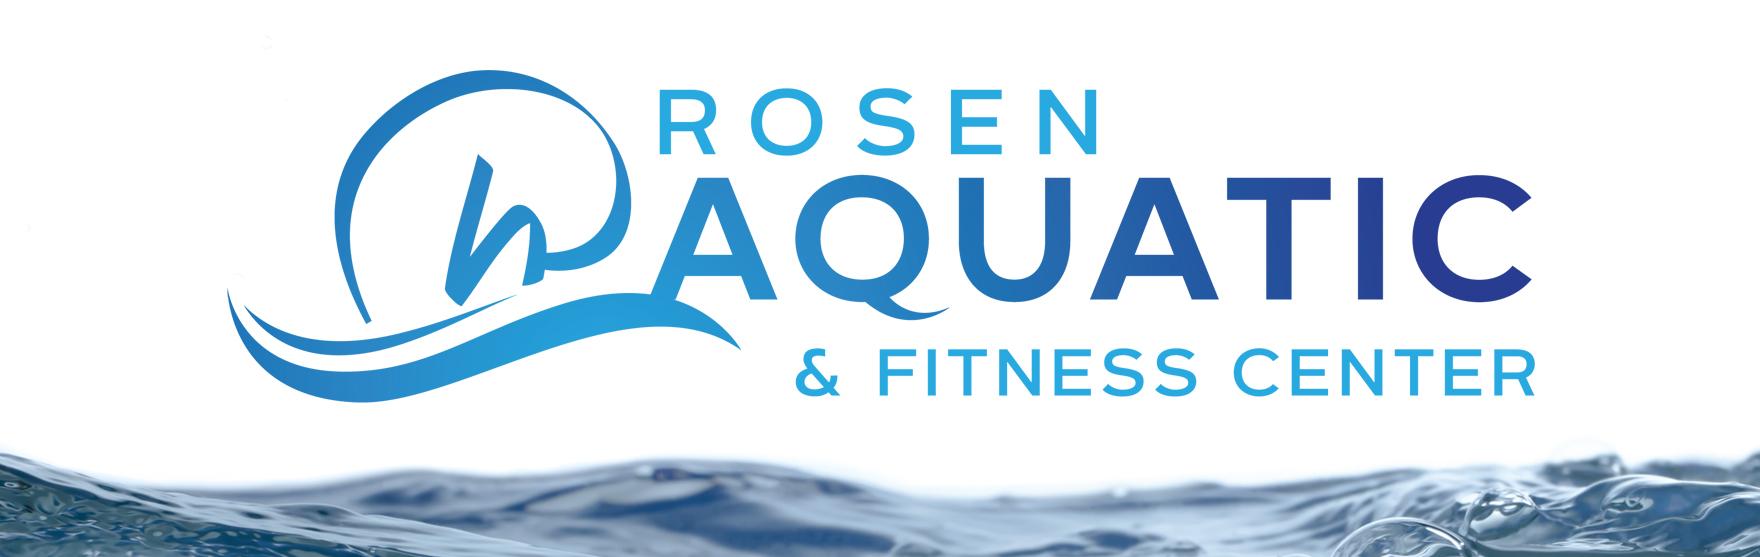 Rosen Aquatic & Fitness Center in Orlando, Florida